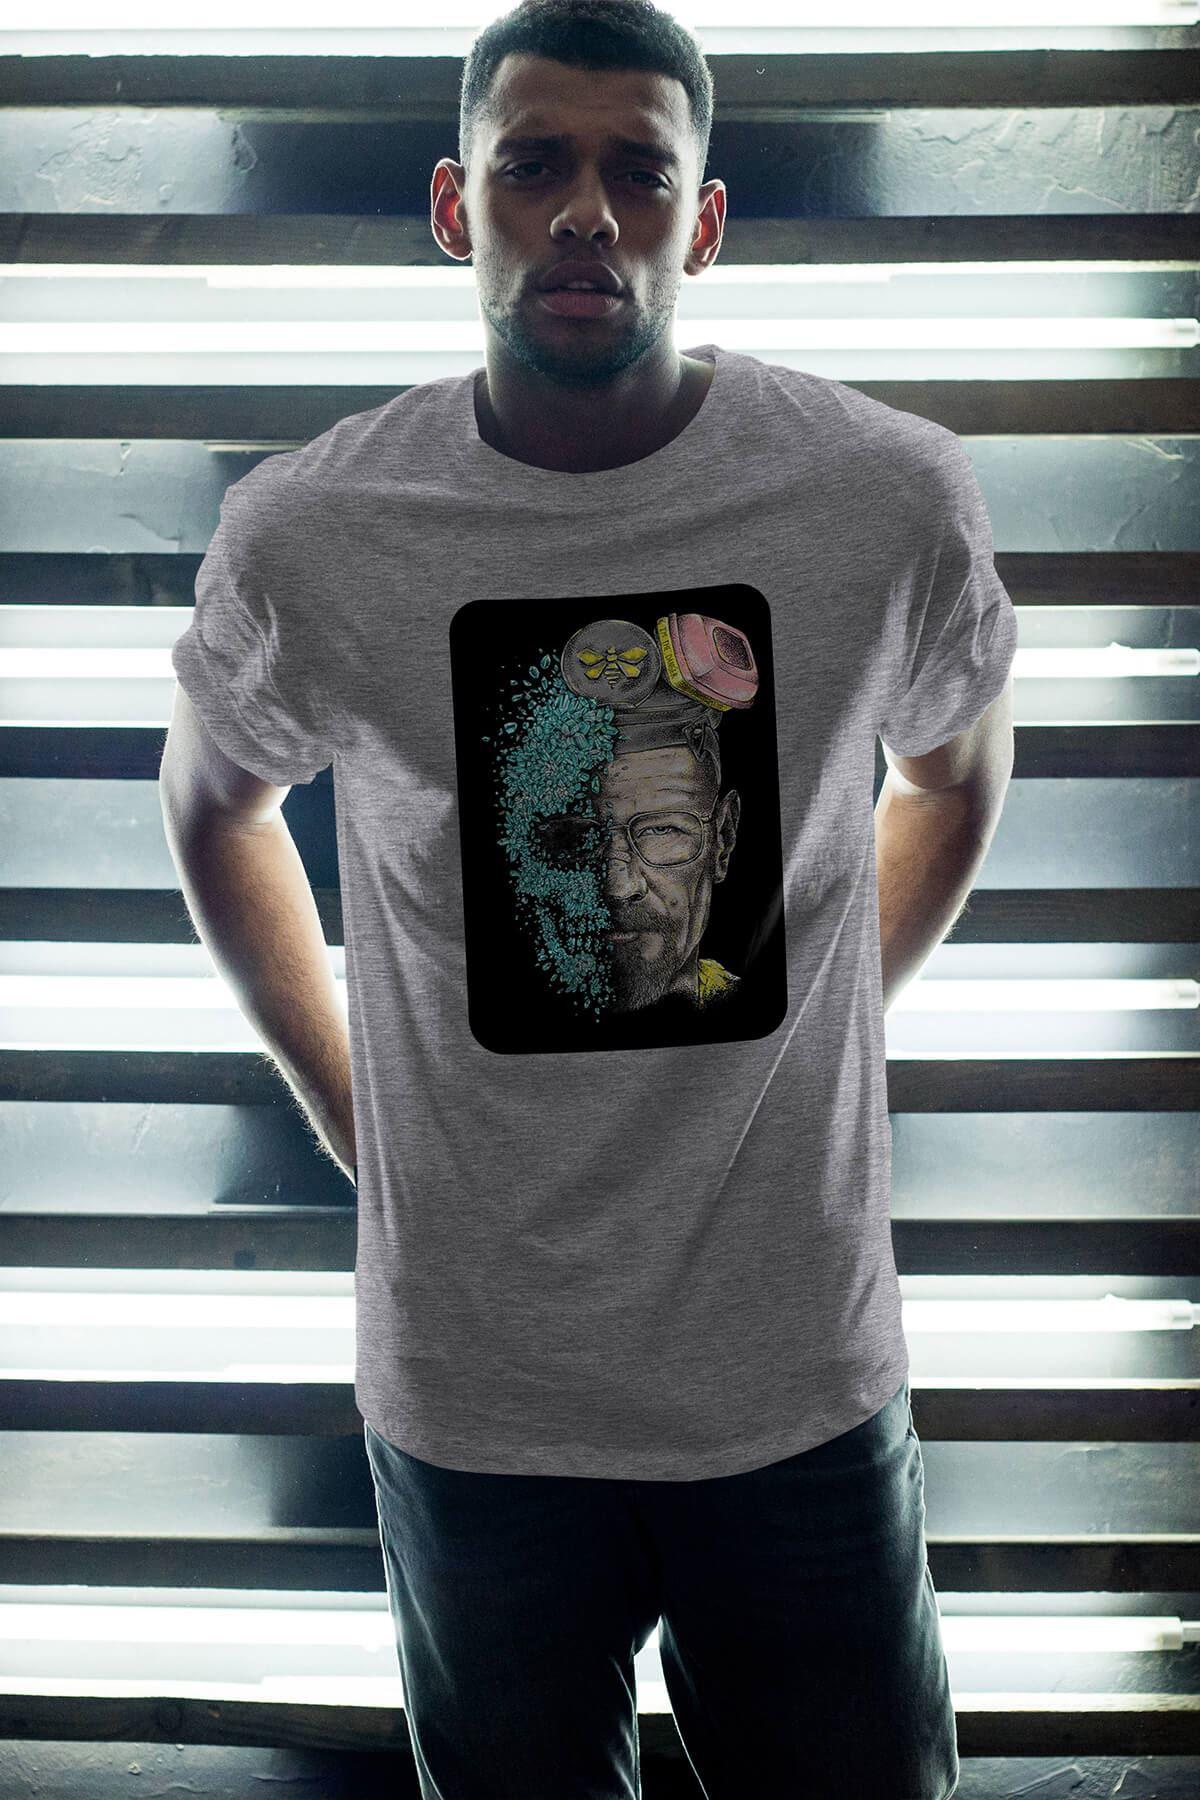 Breaking Bad Walter White 18 Gri Erkek Oversize Tshirt - Tişört